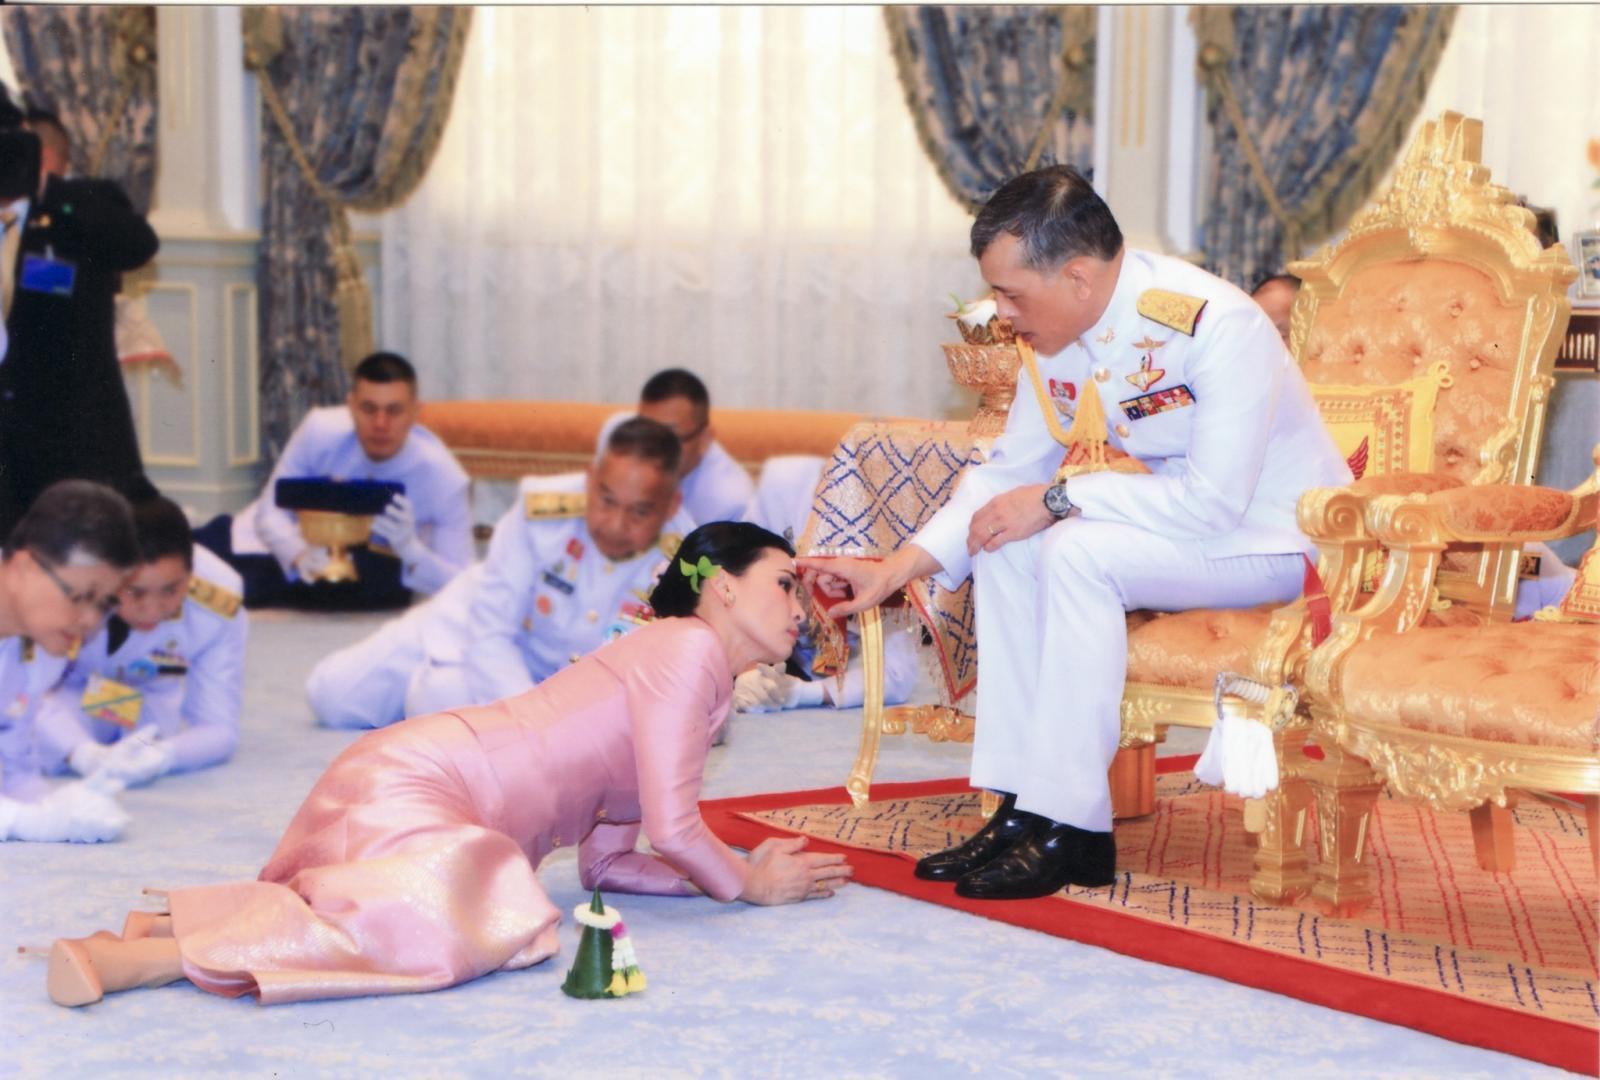 สมเด็จพระเจ้าอยู่หัว ทรงประกอบพระราชพิธีราชาภิเษกสมรส สถาปนาสมเด็จพระราชินี